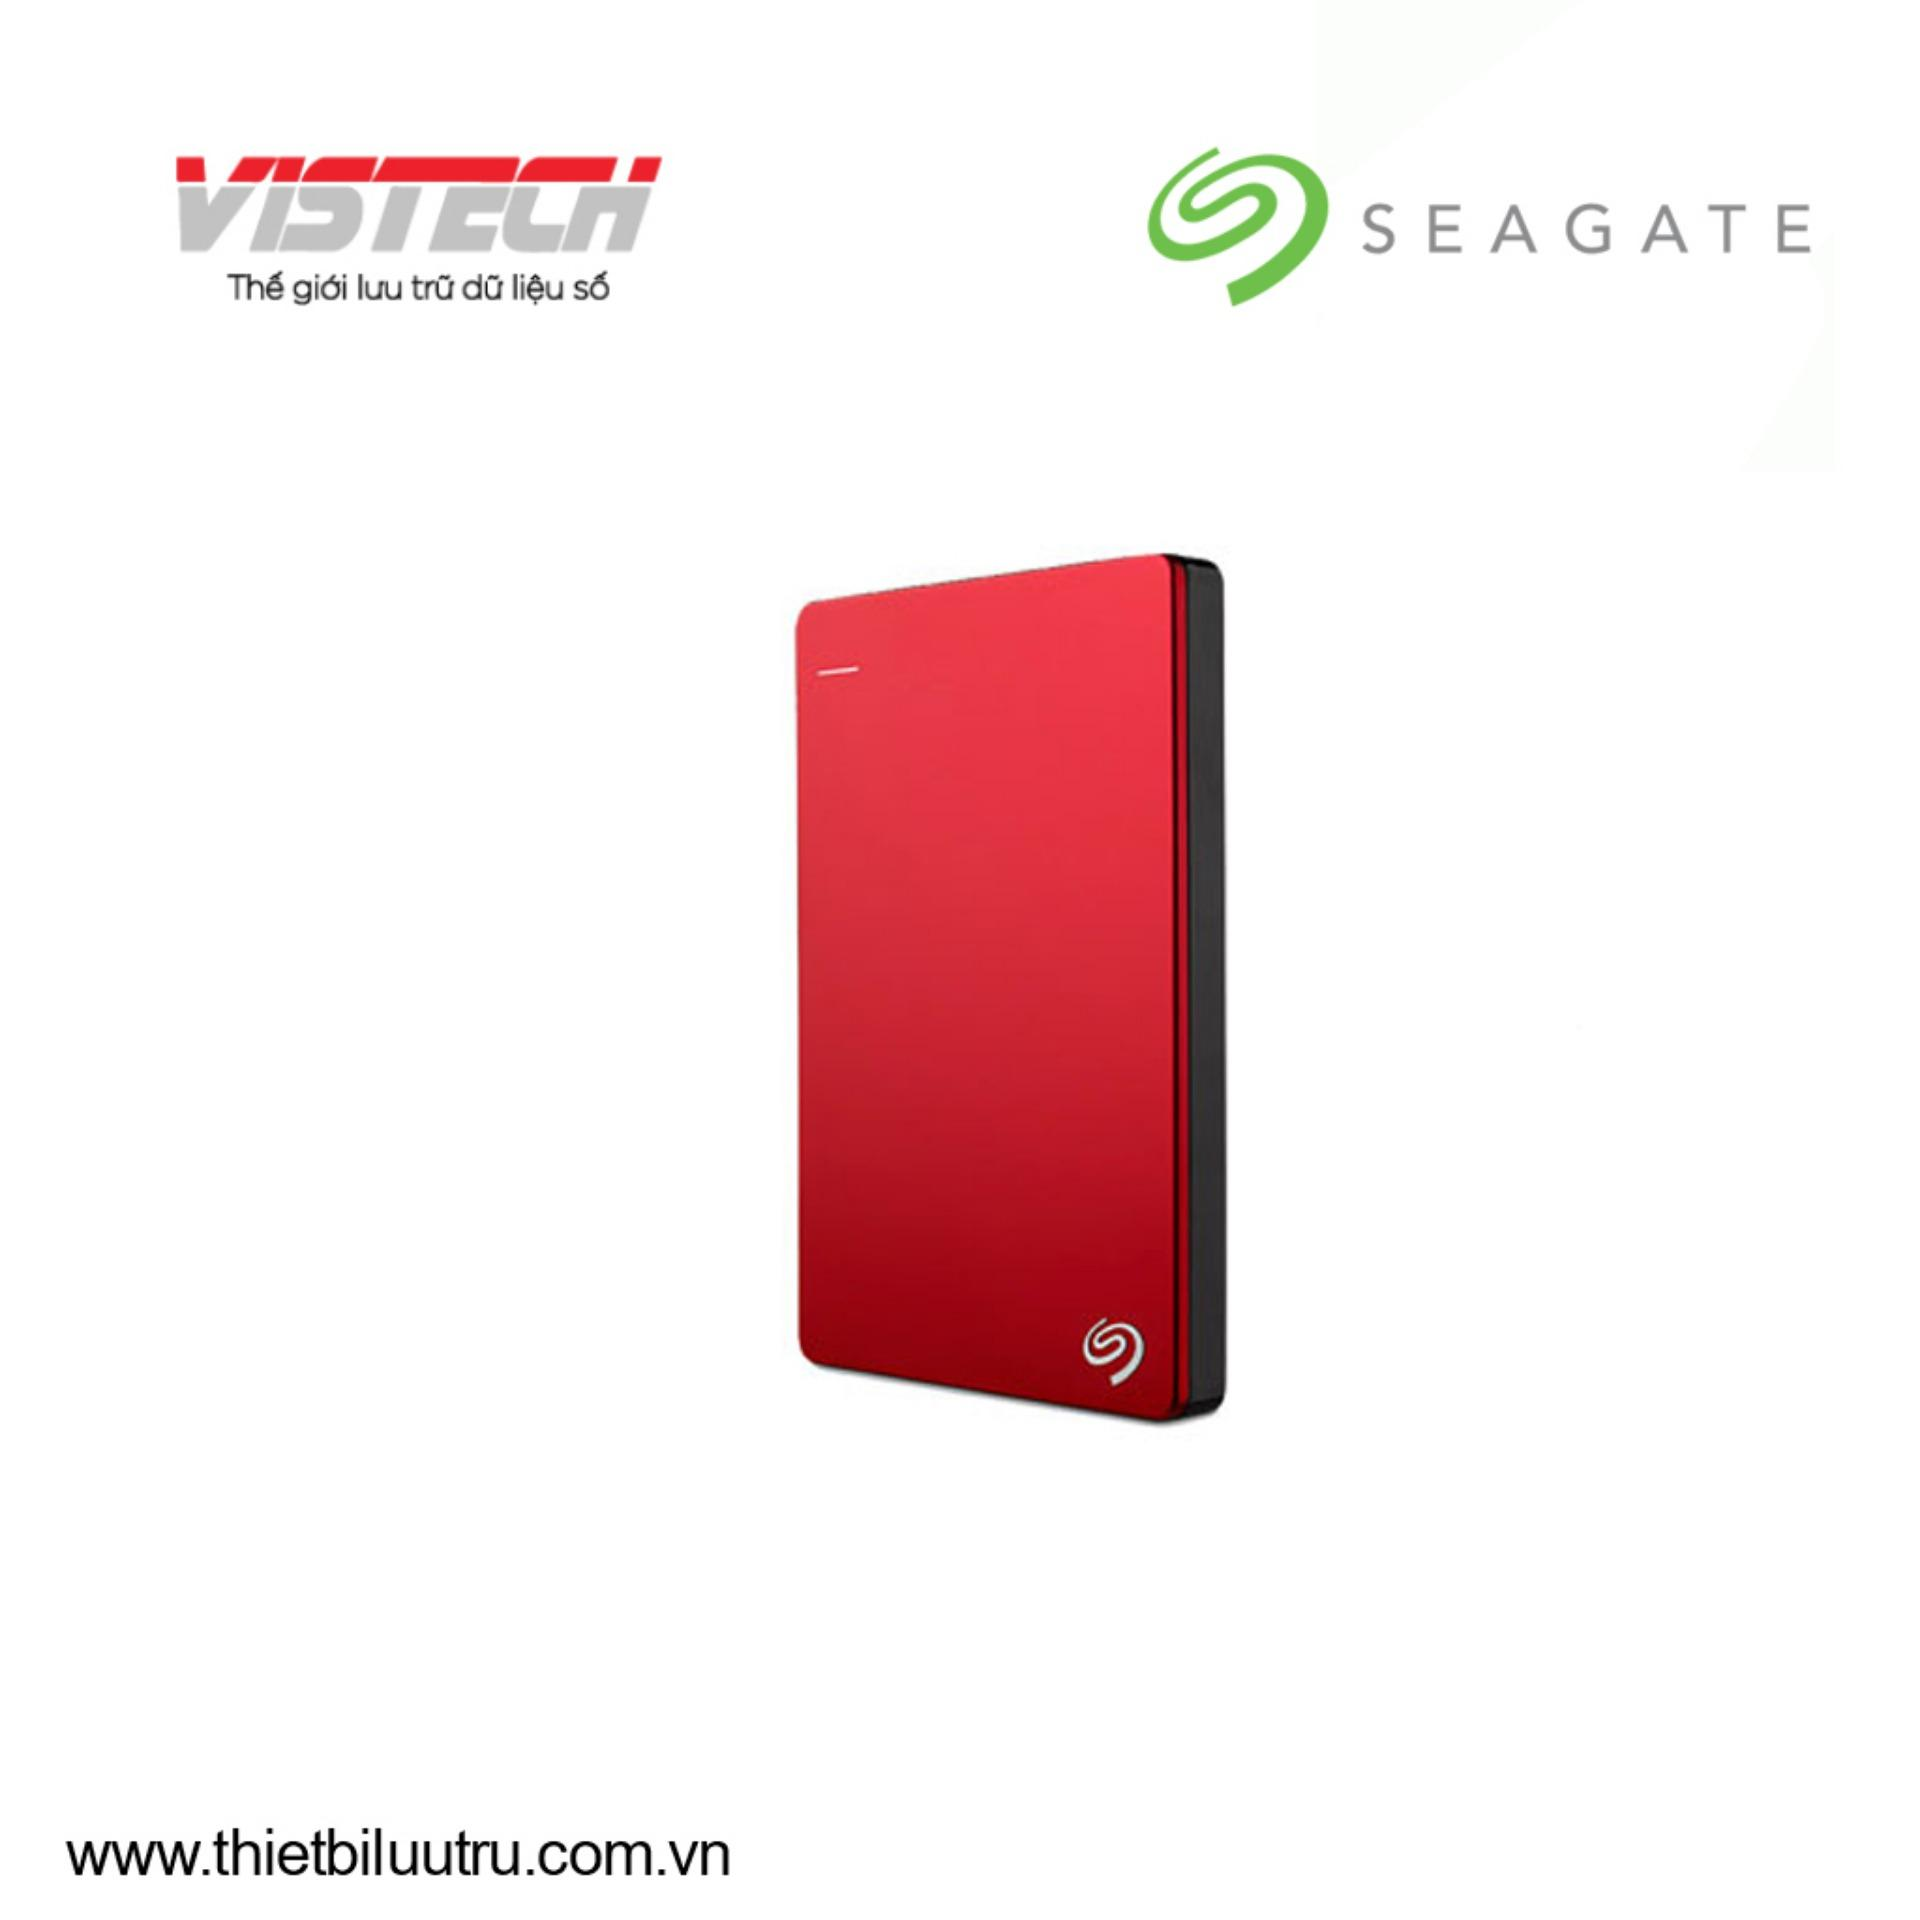 Hình ảnh Ổ cứng di động Seagate Backup Plus Slim 1TB (Đỏ)